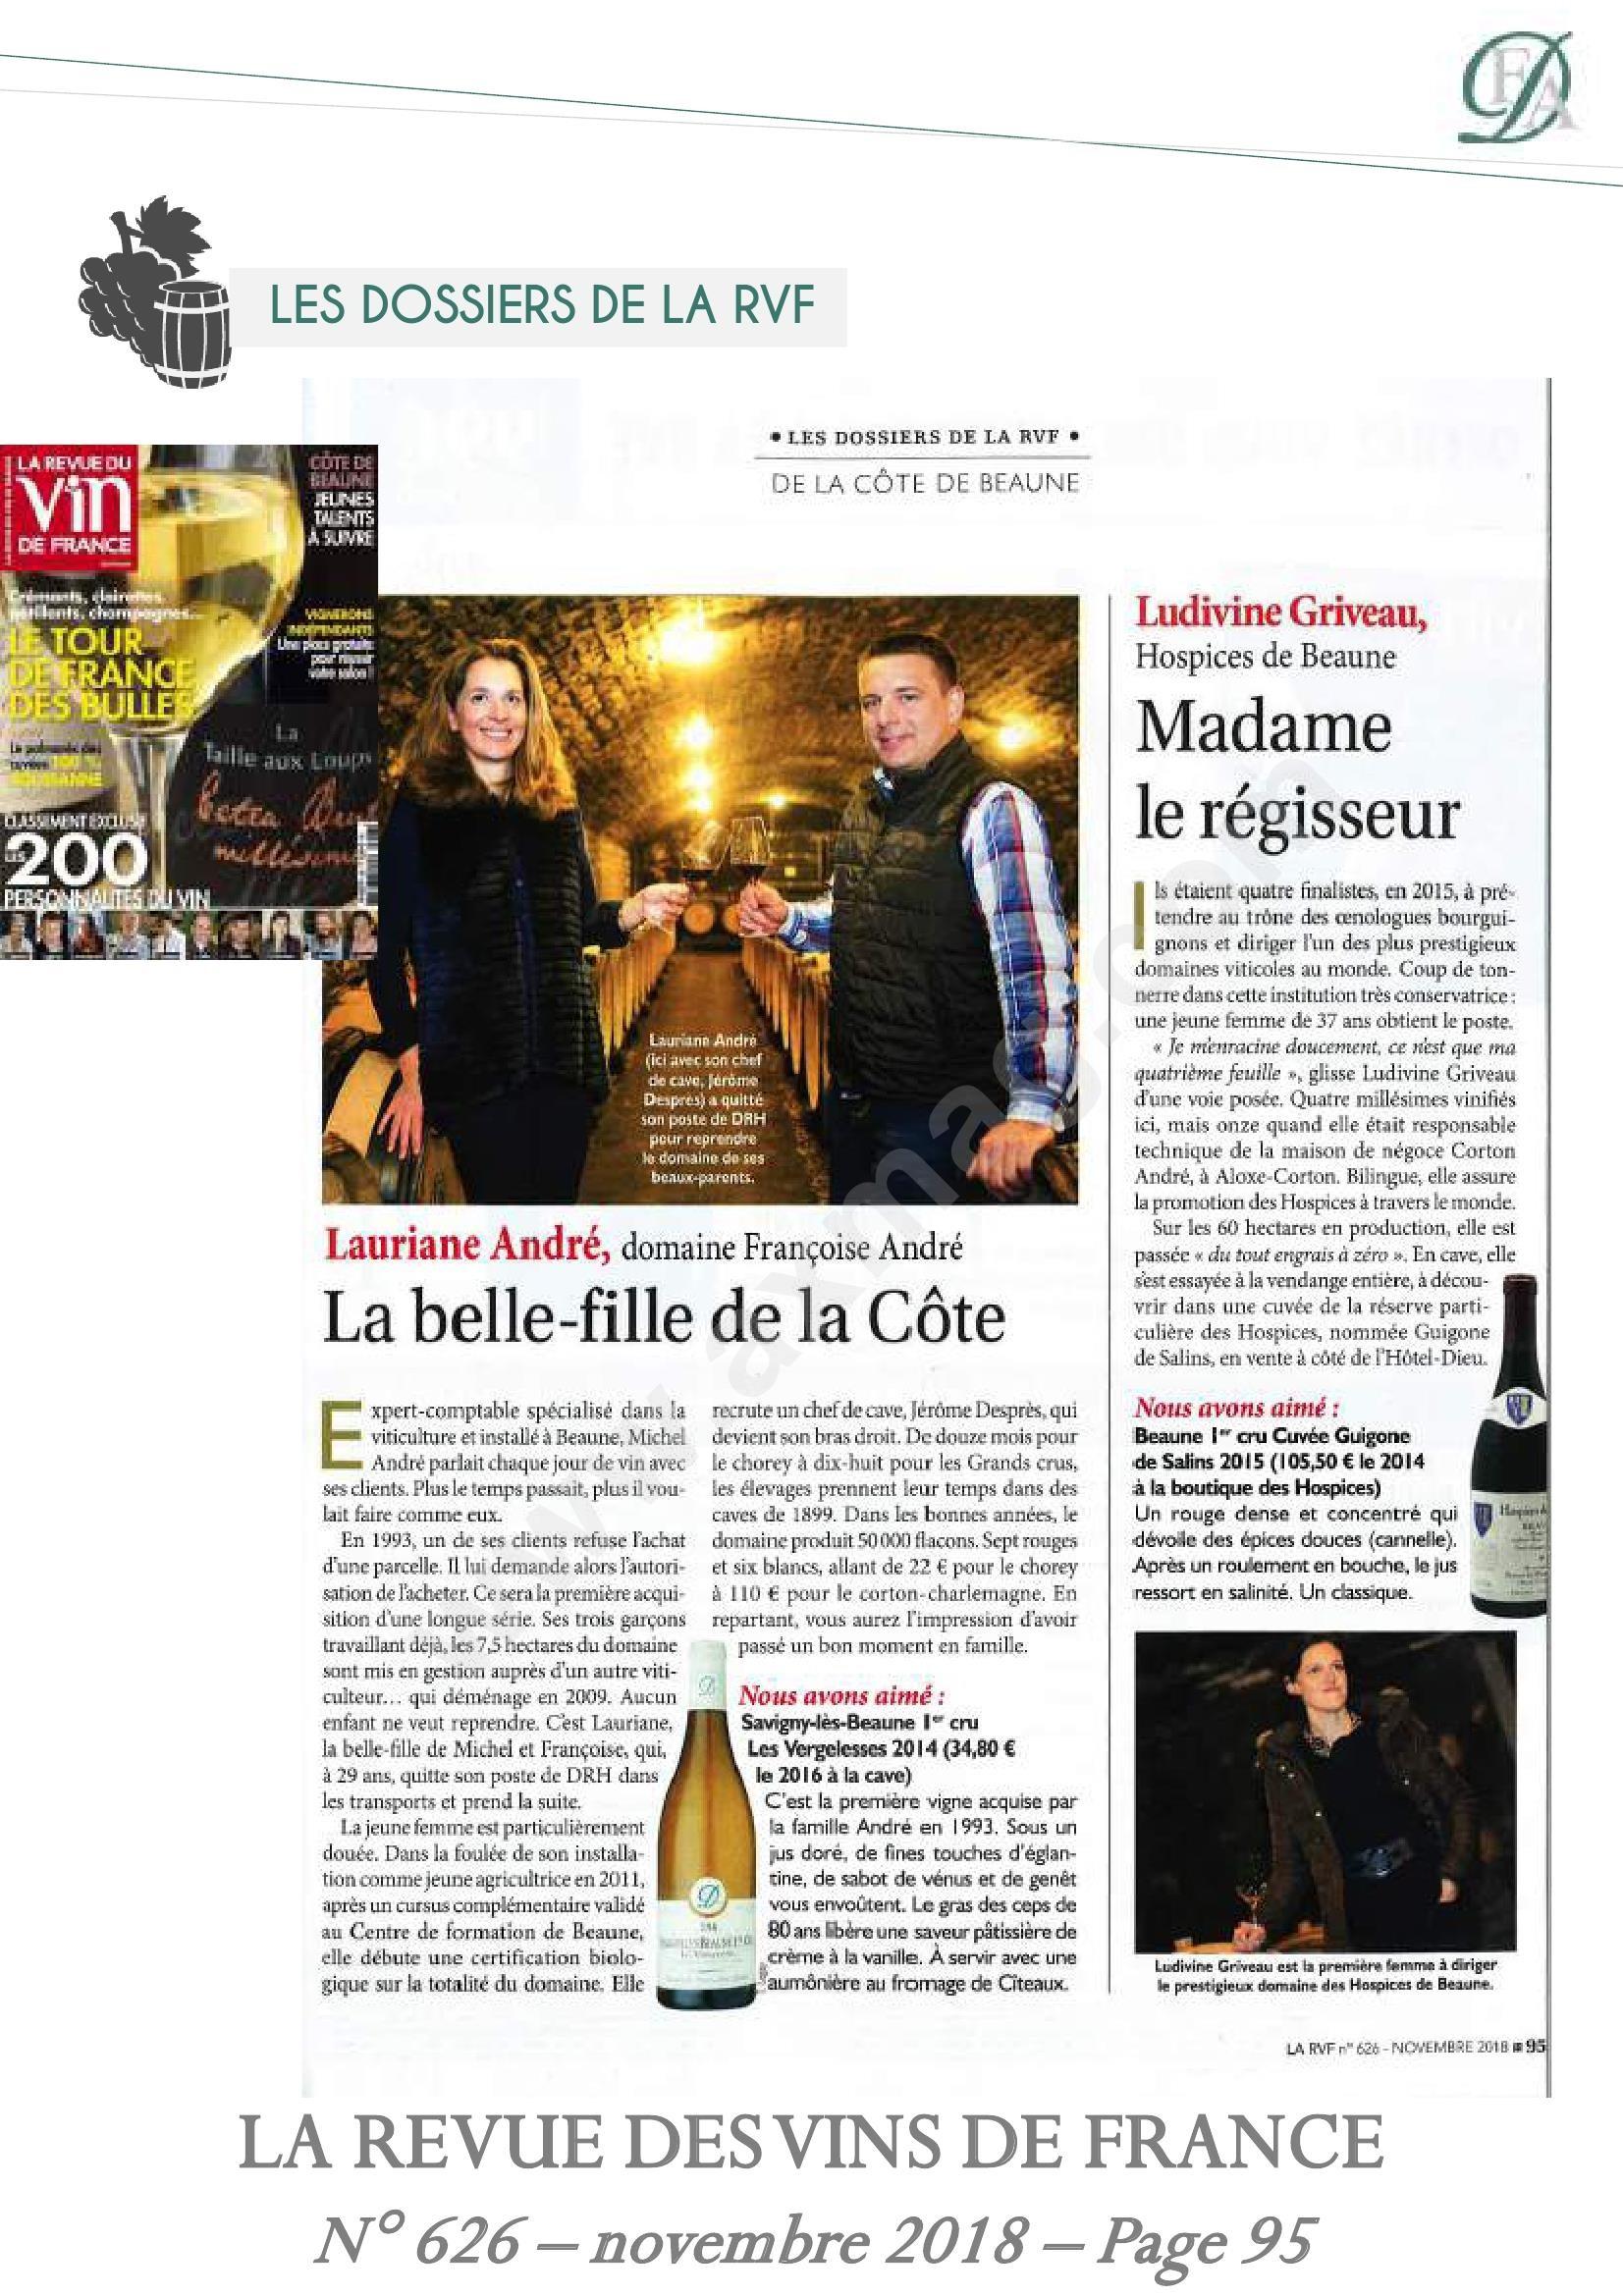 Lauriane André is een van de meest getalenteerde wijnmakers.